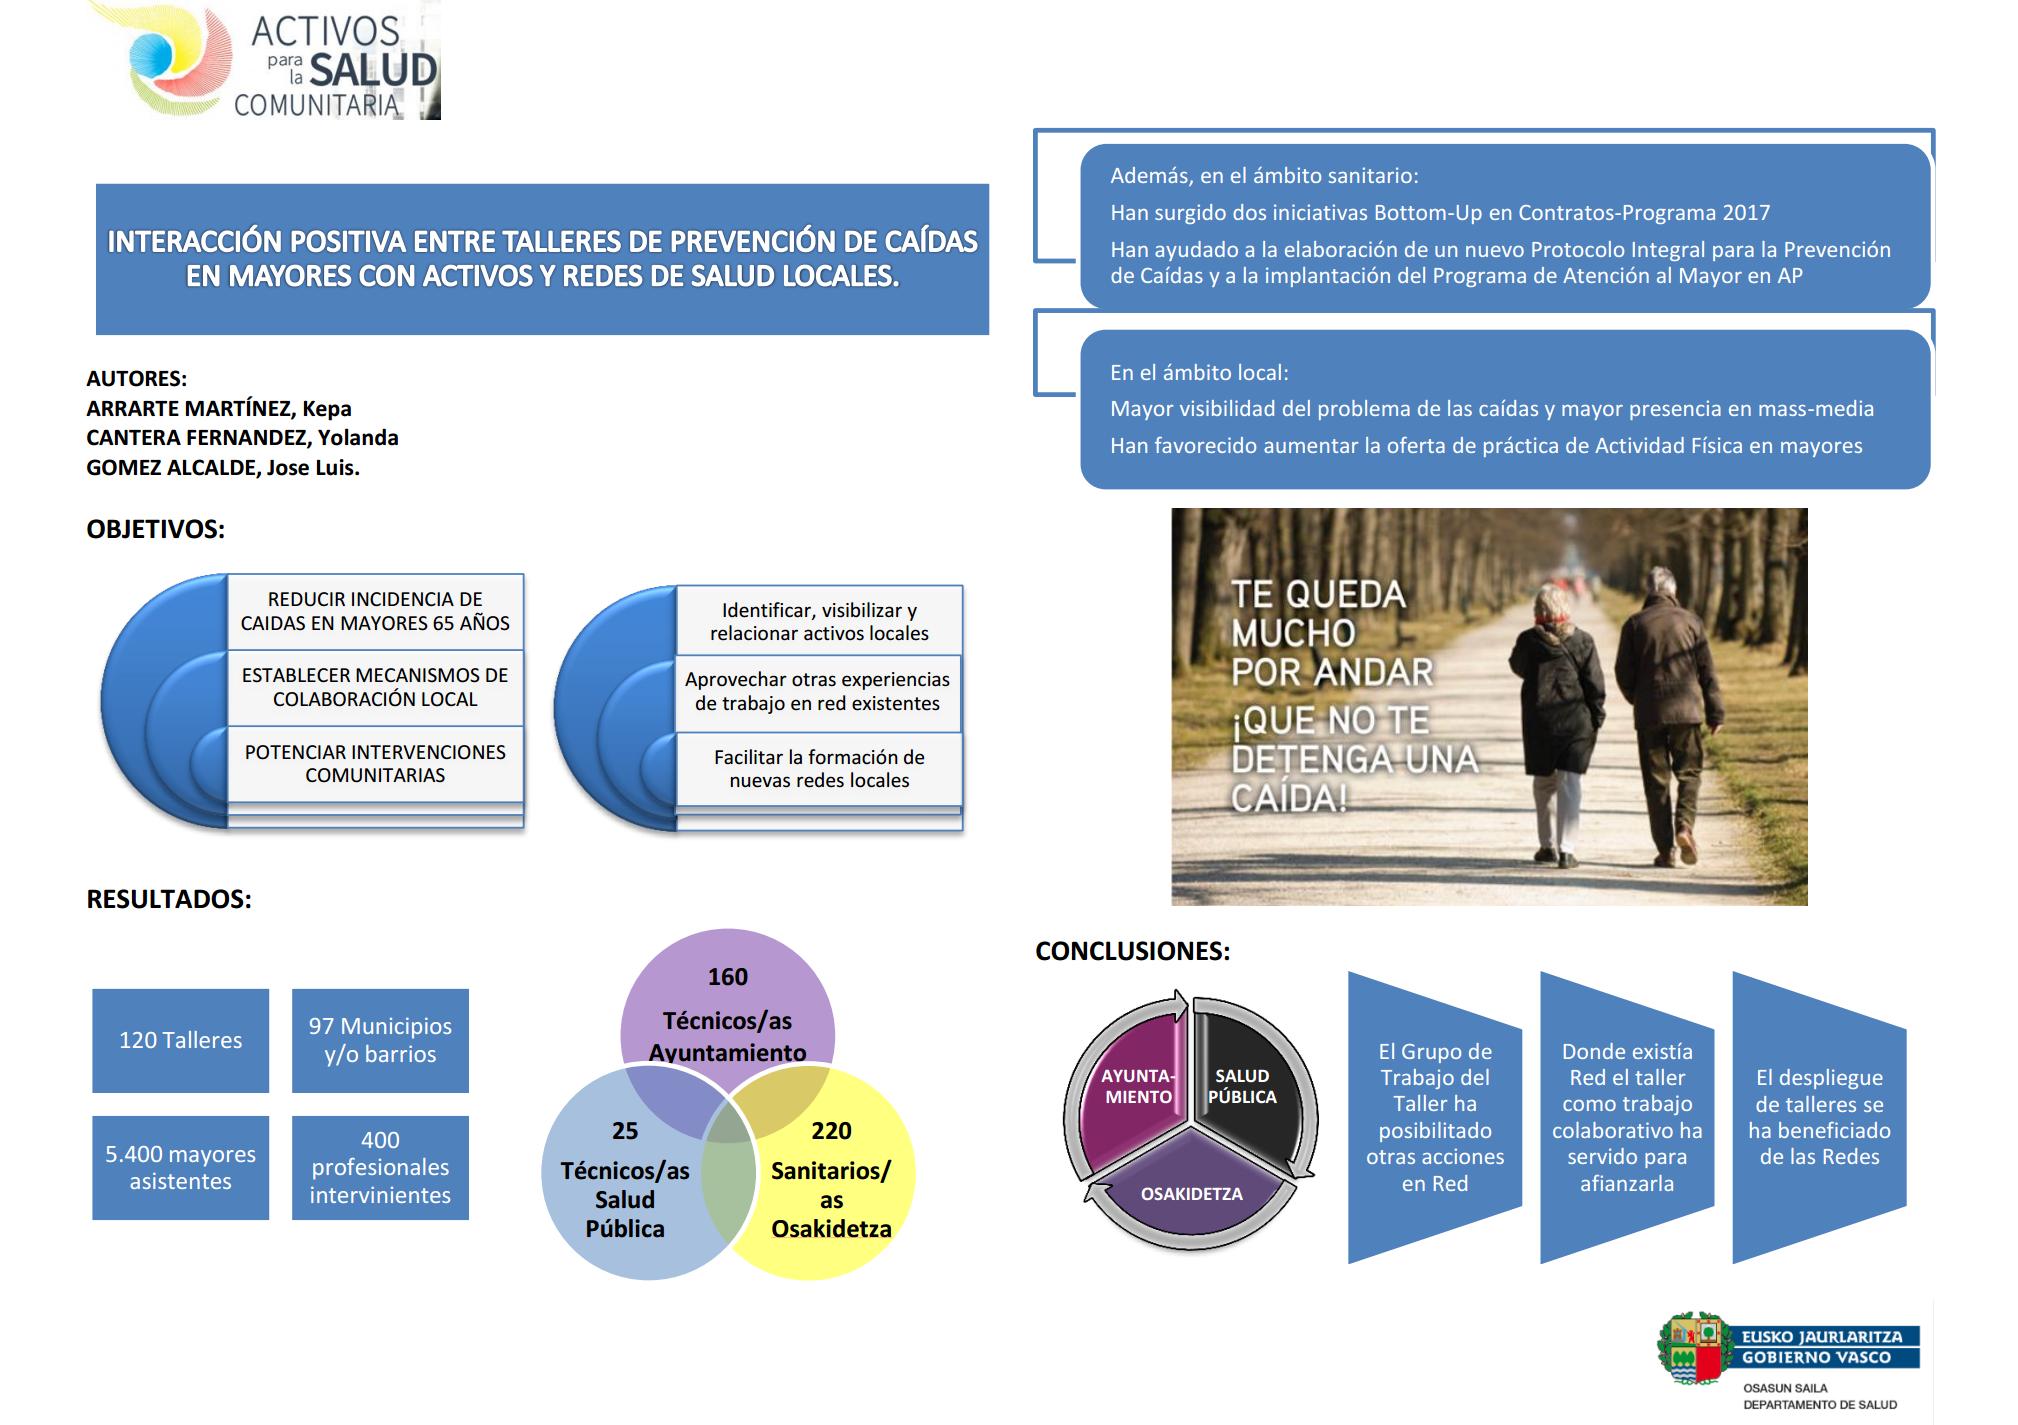 Interacción positiva entre una intervención colaborativa (talleres de prevención de caídas) con activos y redes de salud locales.